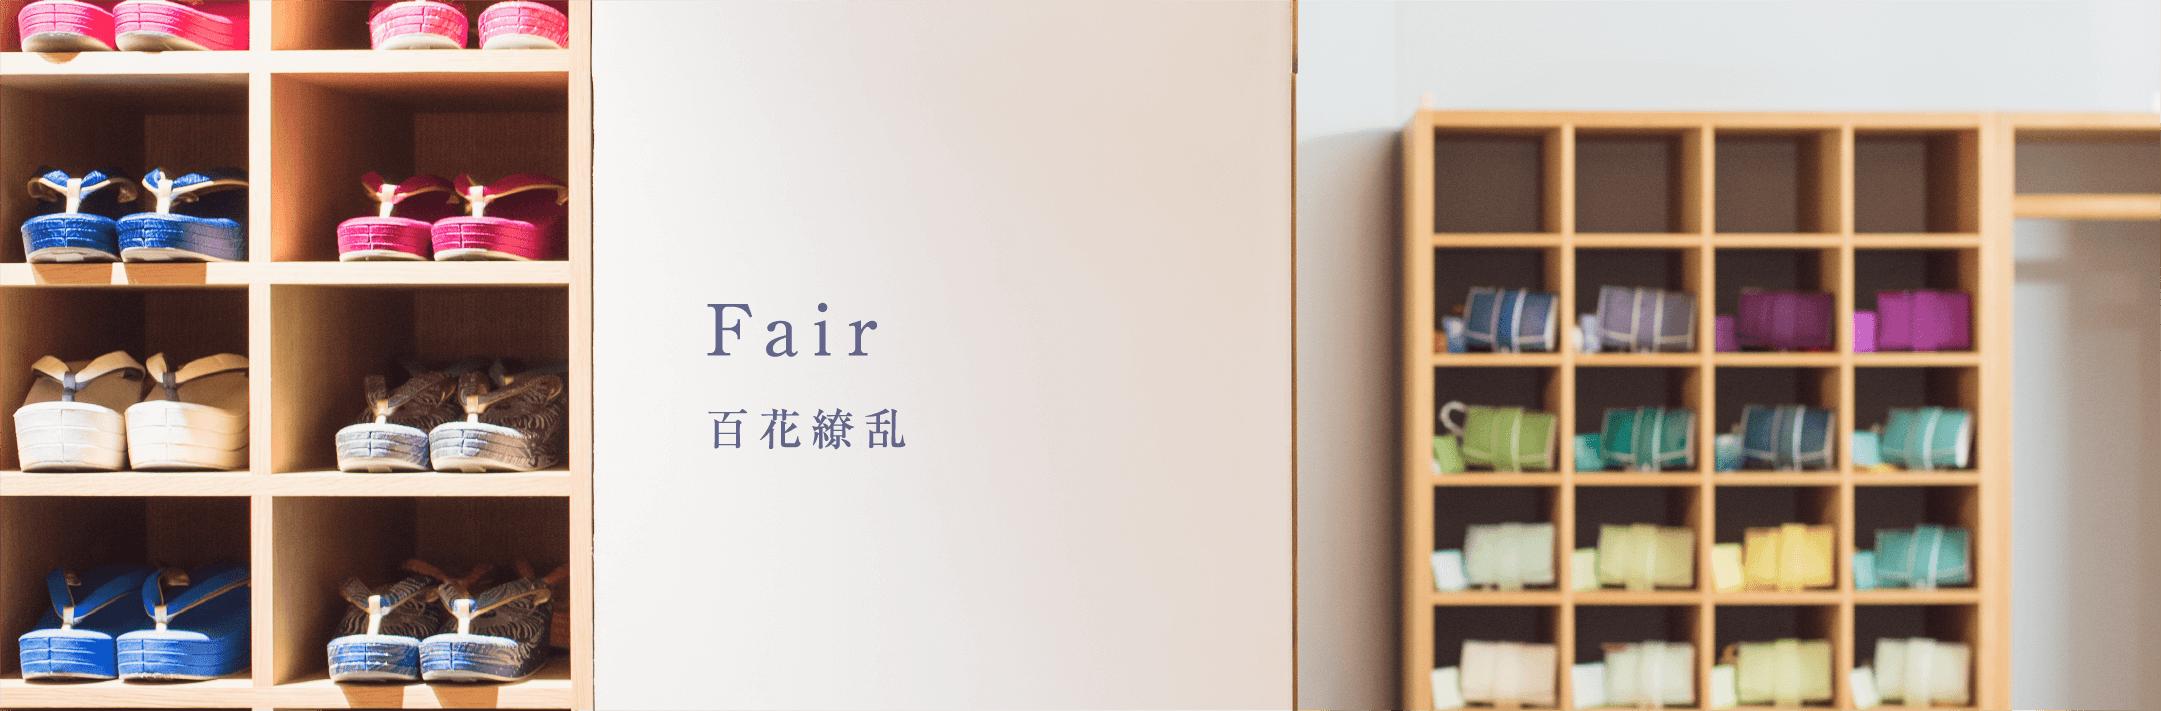 Fair 百花繚乱